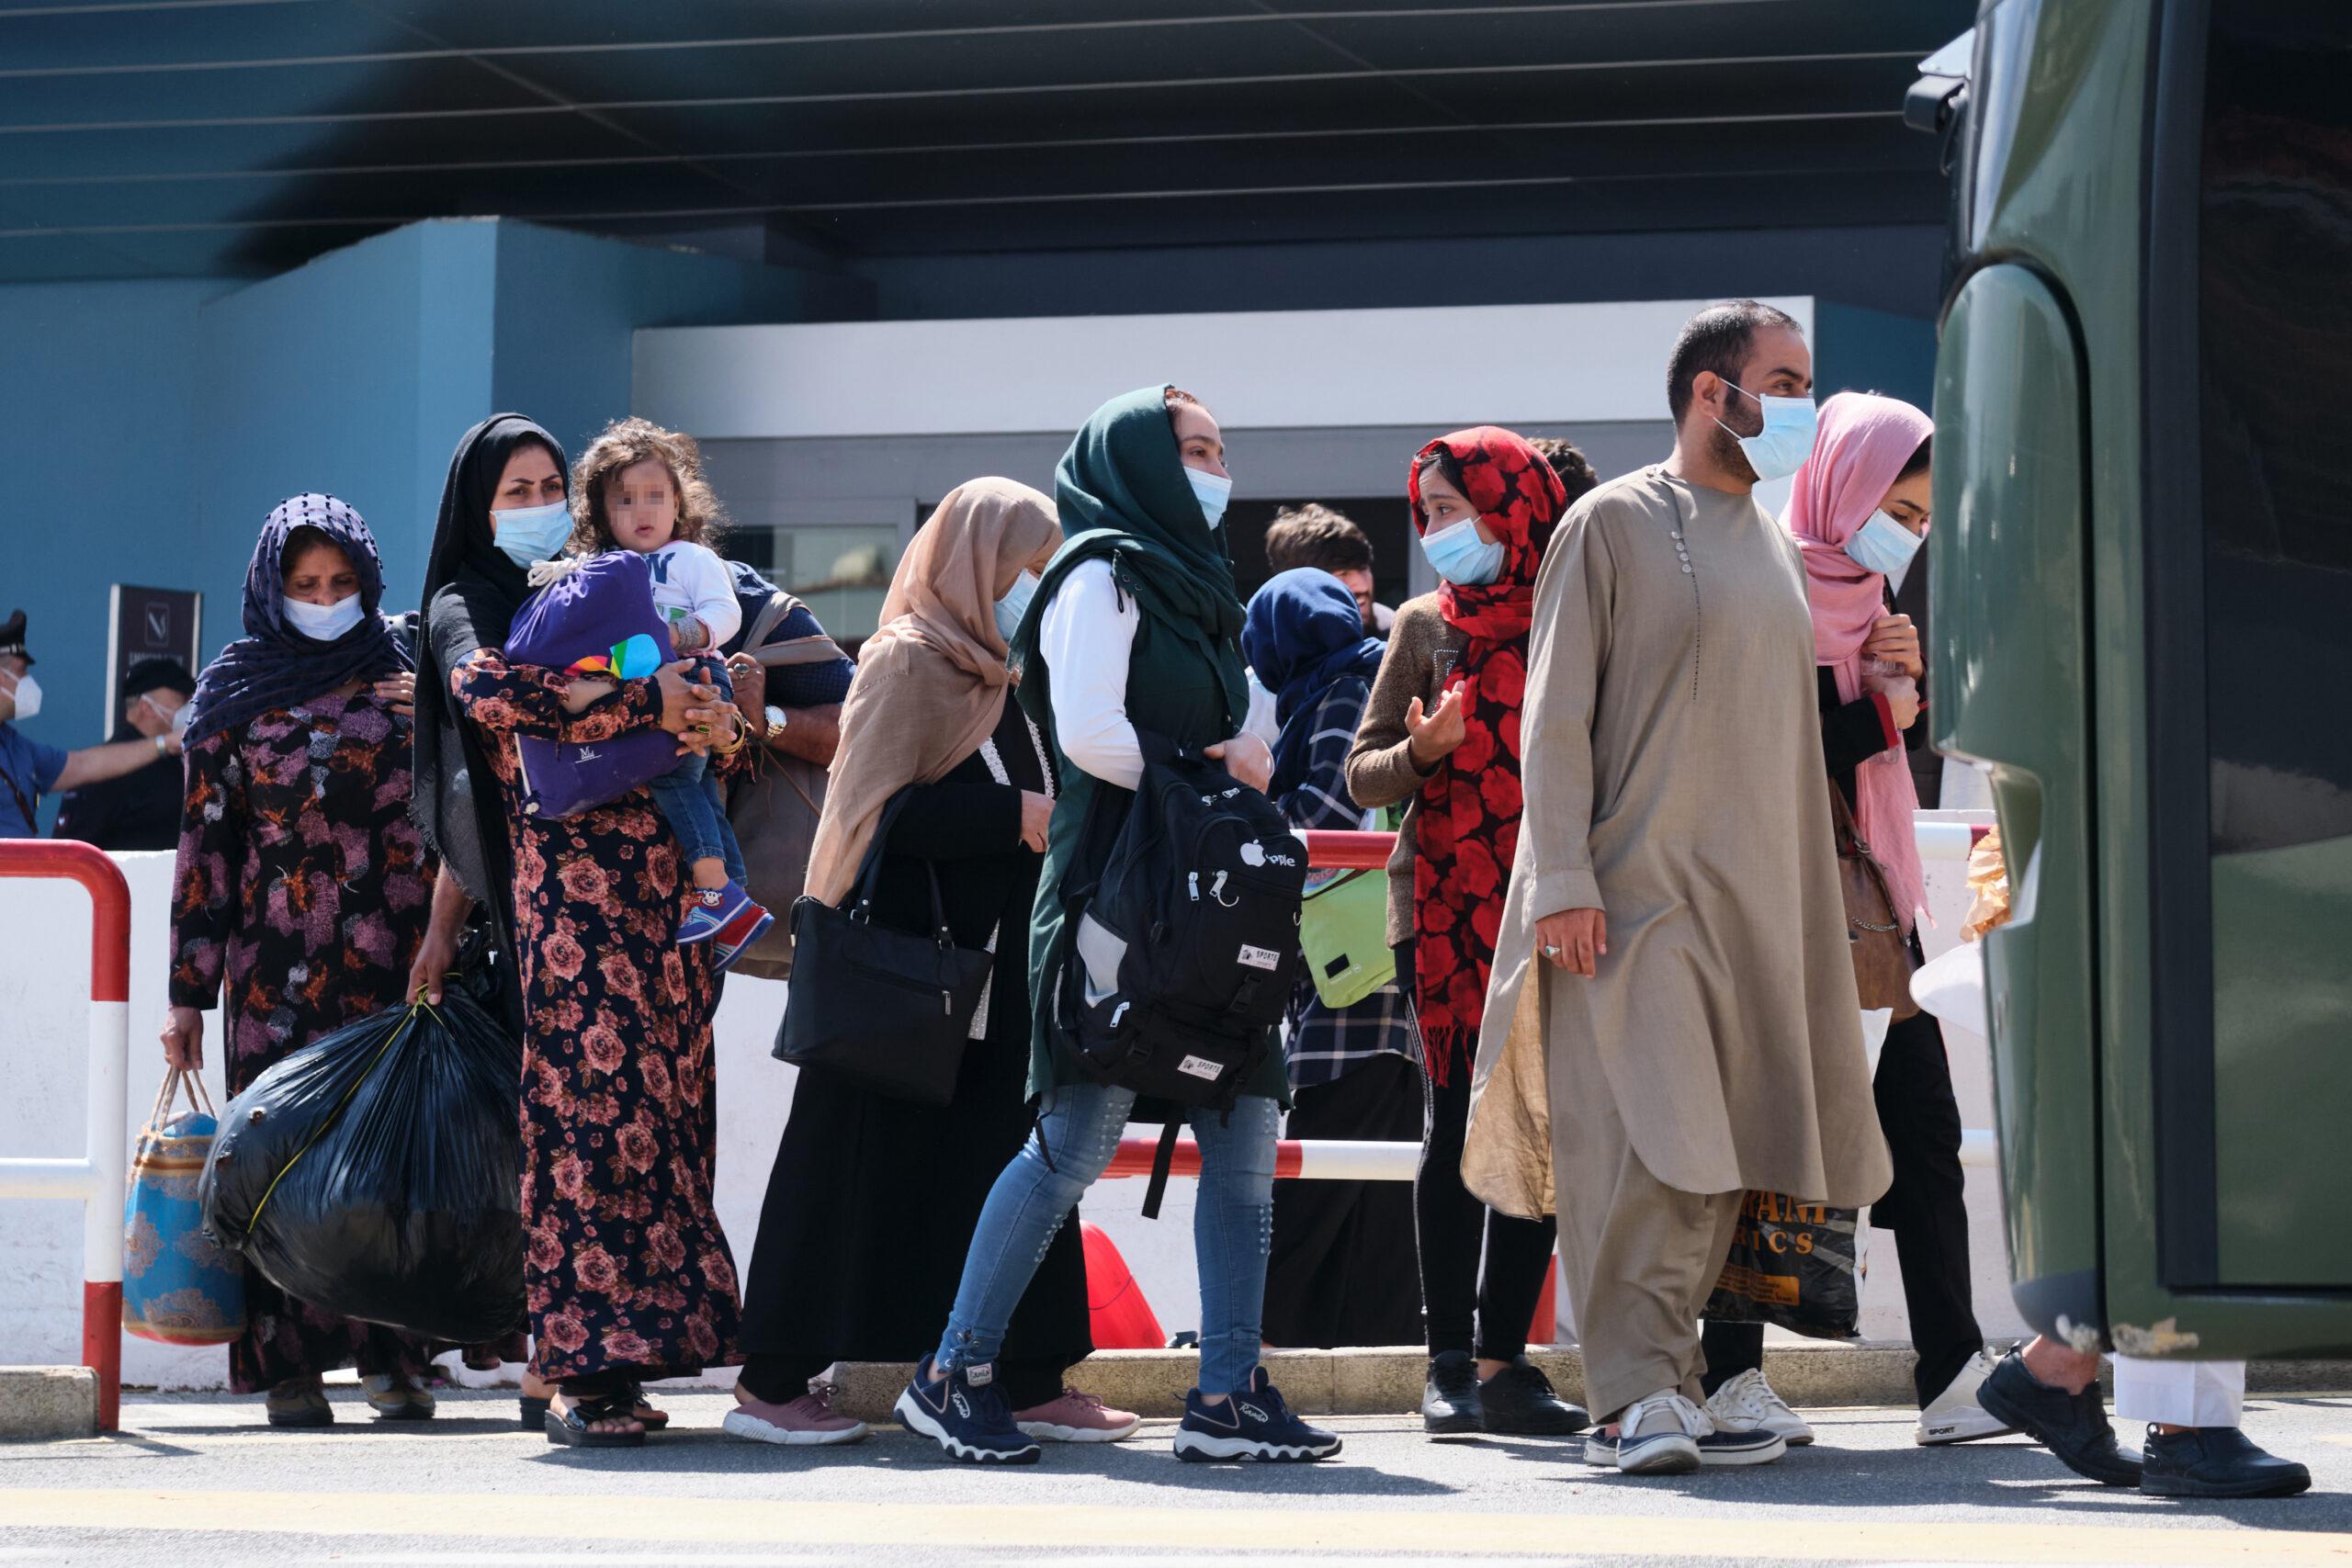 Appello Urgente per reperire alloggi in favore dei profughi Afghani presenti nella provincia di Modena